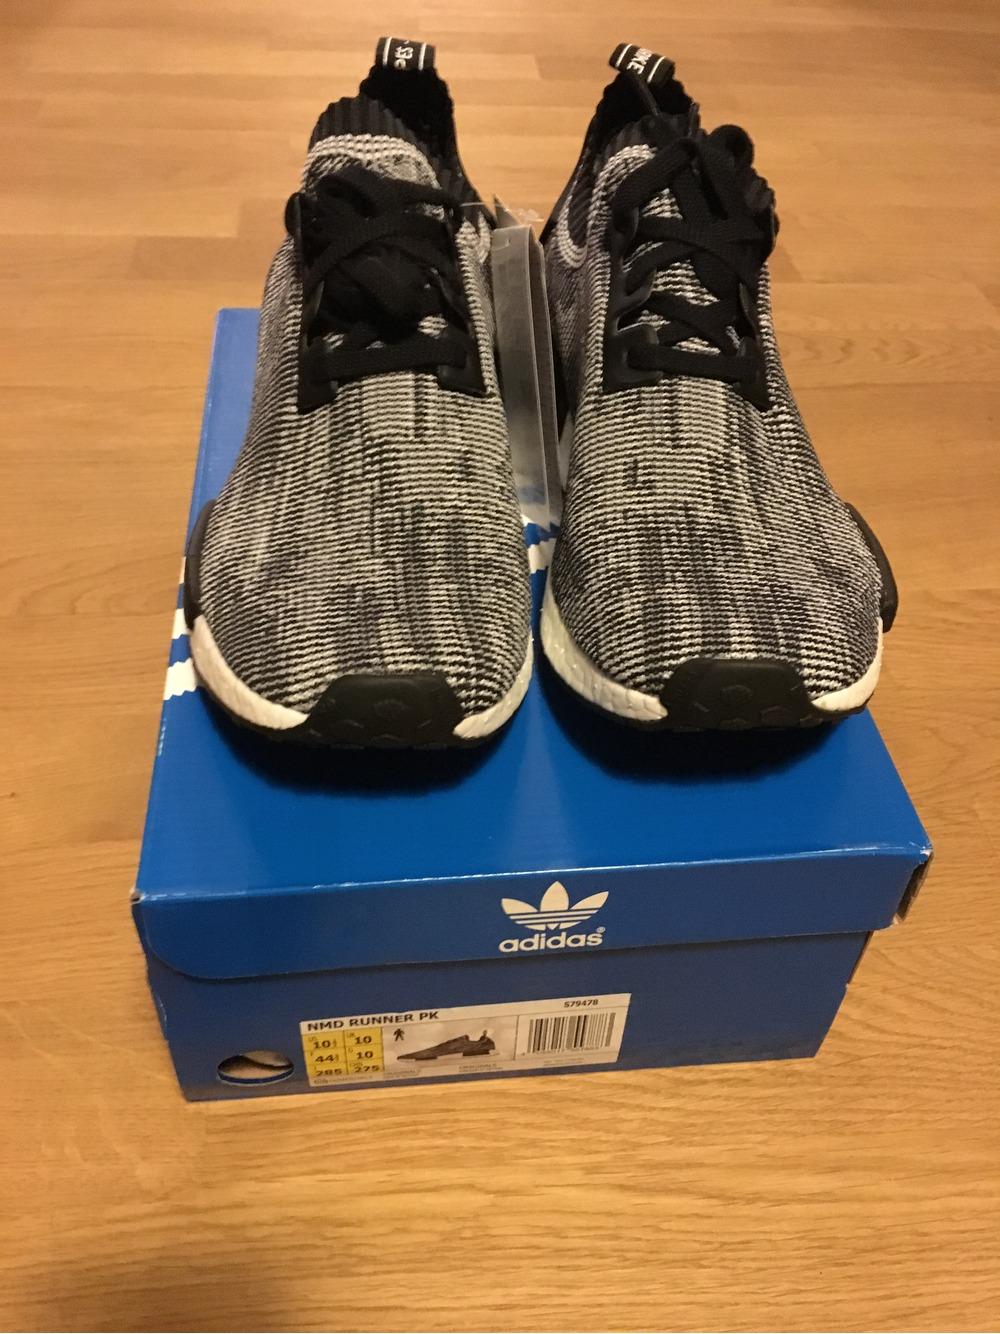 new product 00b5a 27a84 Adidas NMD Primeknit Oreo adidasnmdwomensuk.co.uk